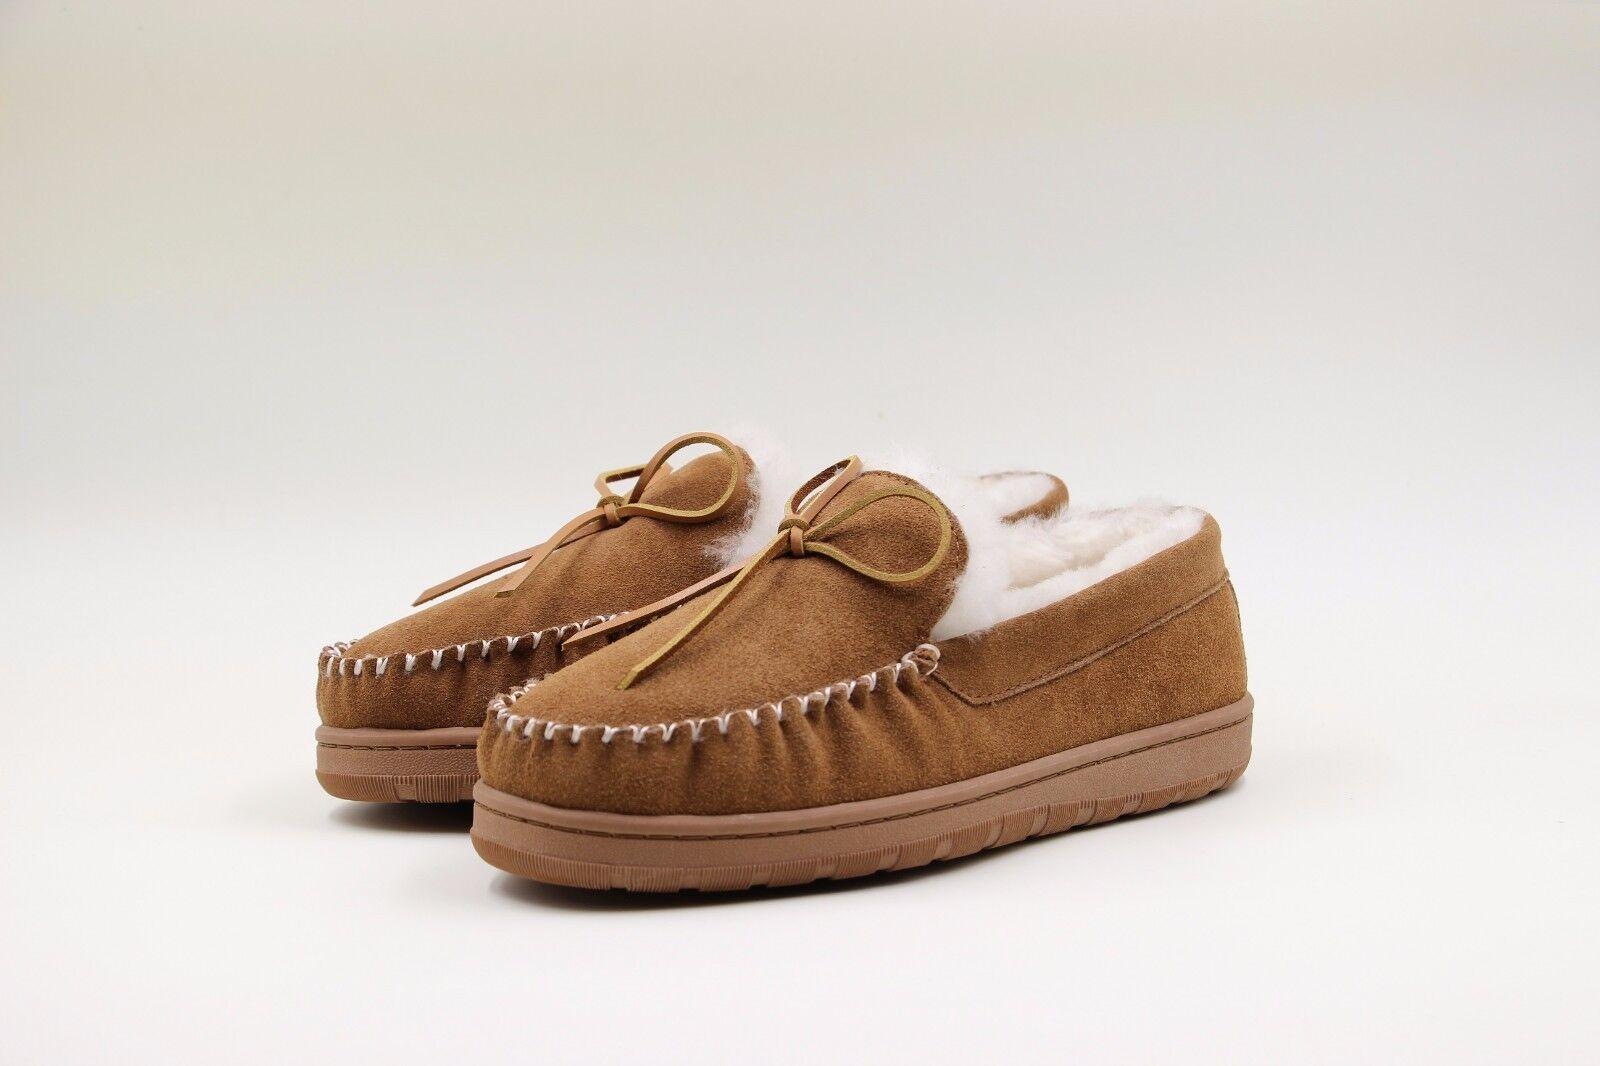 Señoras Señoras Señoras Zapatillas de Piel de Oveja Mocasín superlamb  edición limitada